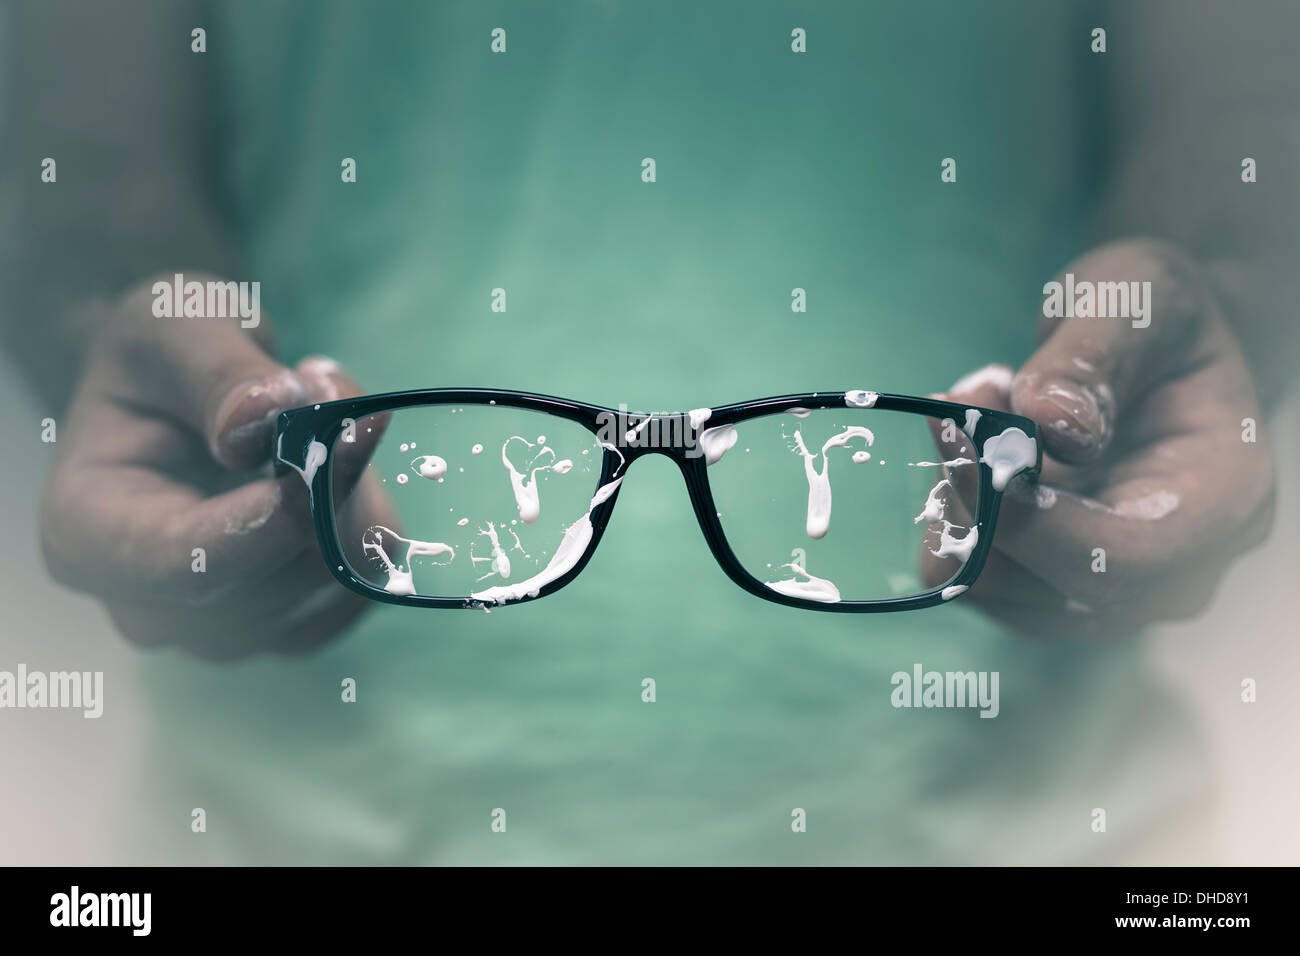 Kreative Vision Konzept. Nahaufnahme der kreative Mann zeigt seine gefärbten Brille. Stockbild